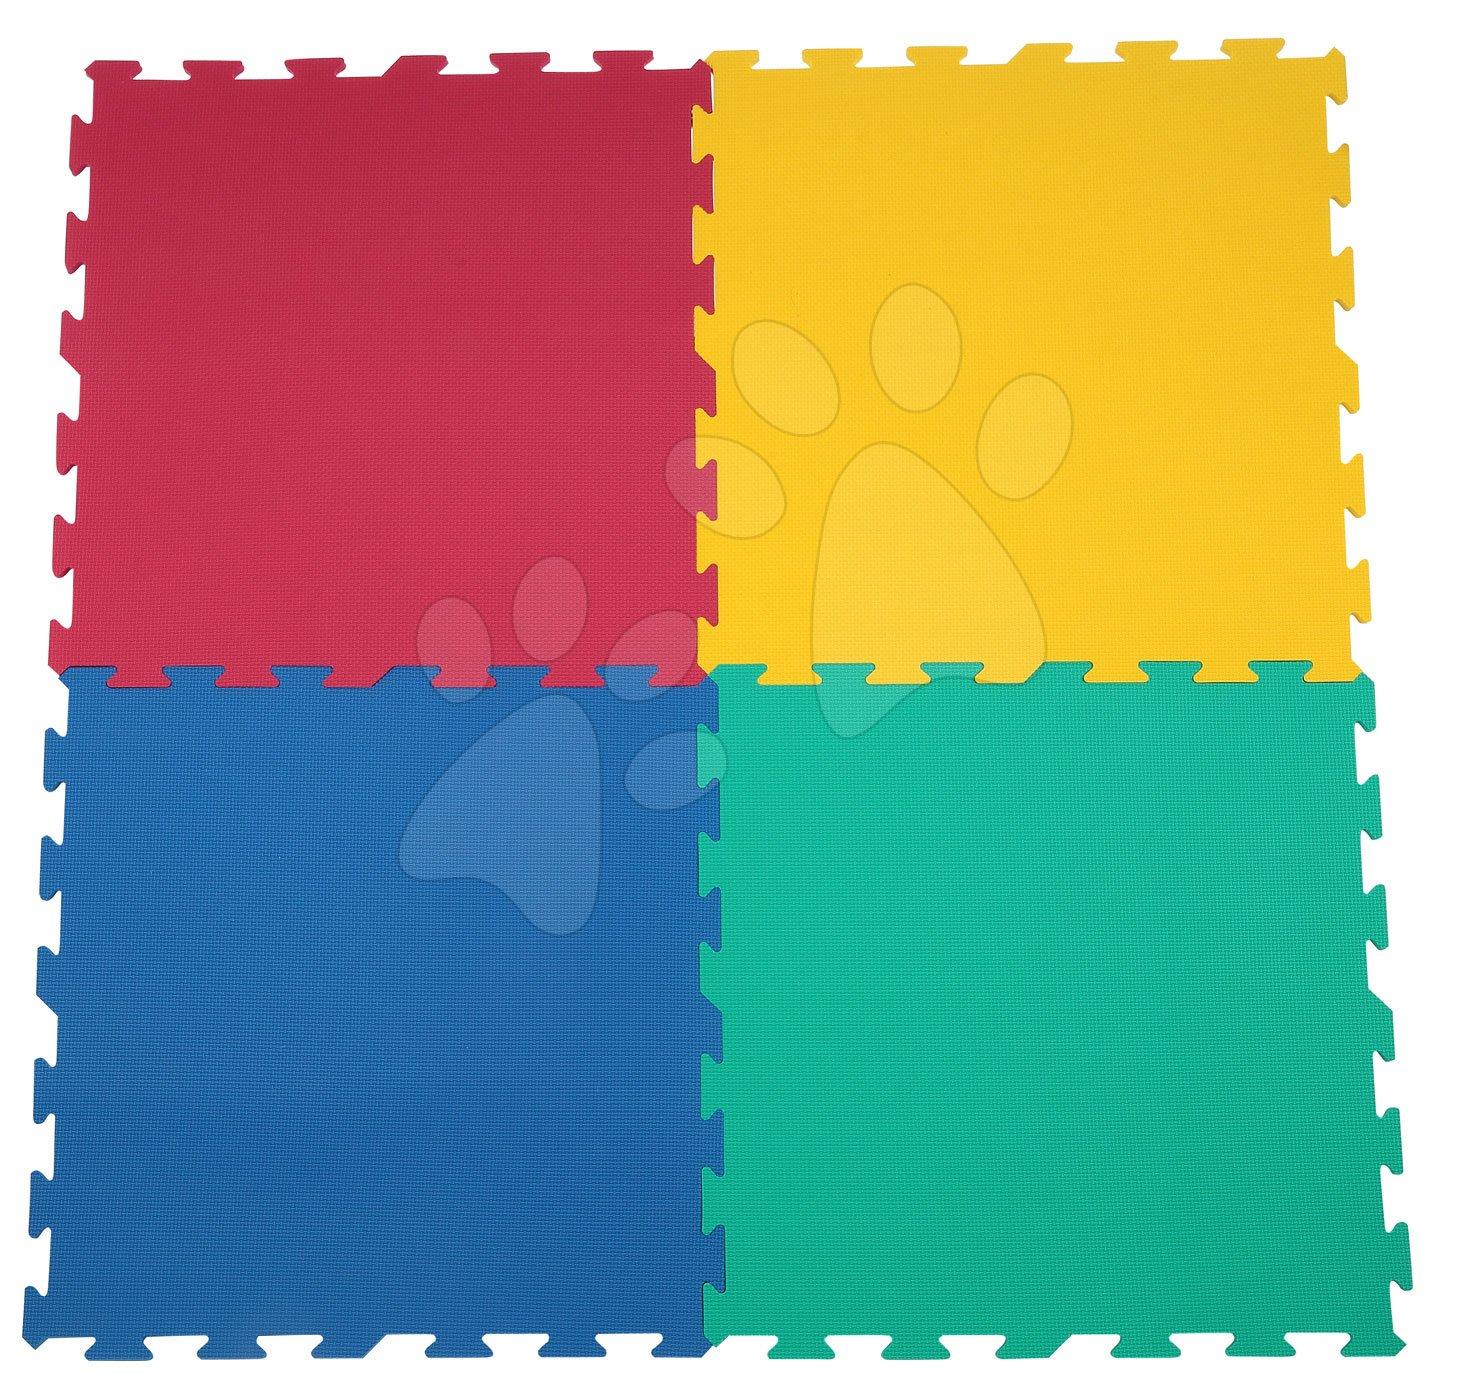 Podlahové puzzle pro miminka - Pěnové puzzle Lee podložka Lee Chyun pro nejmenší 4 díly od 0 měsíců